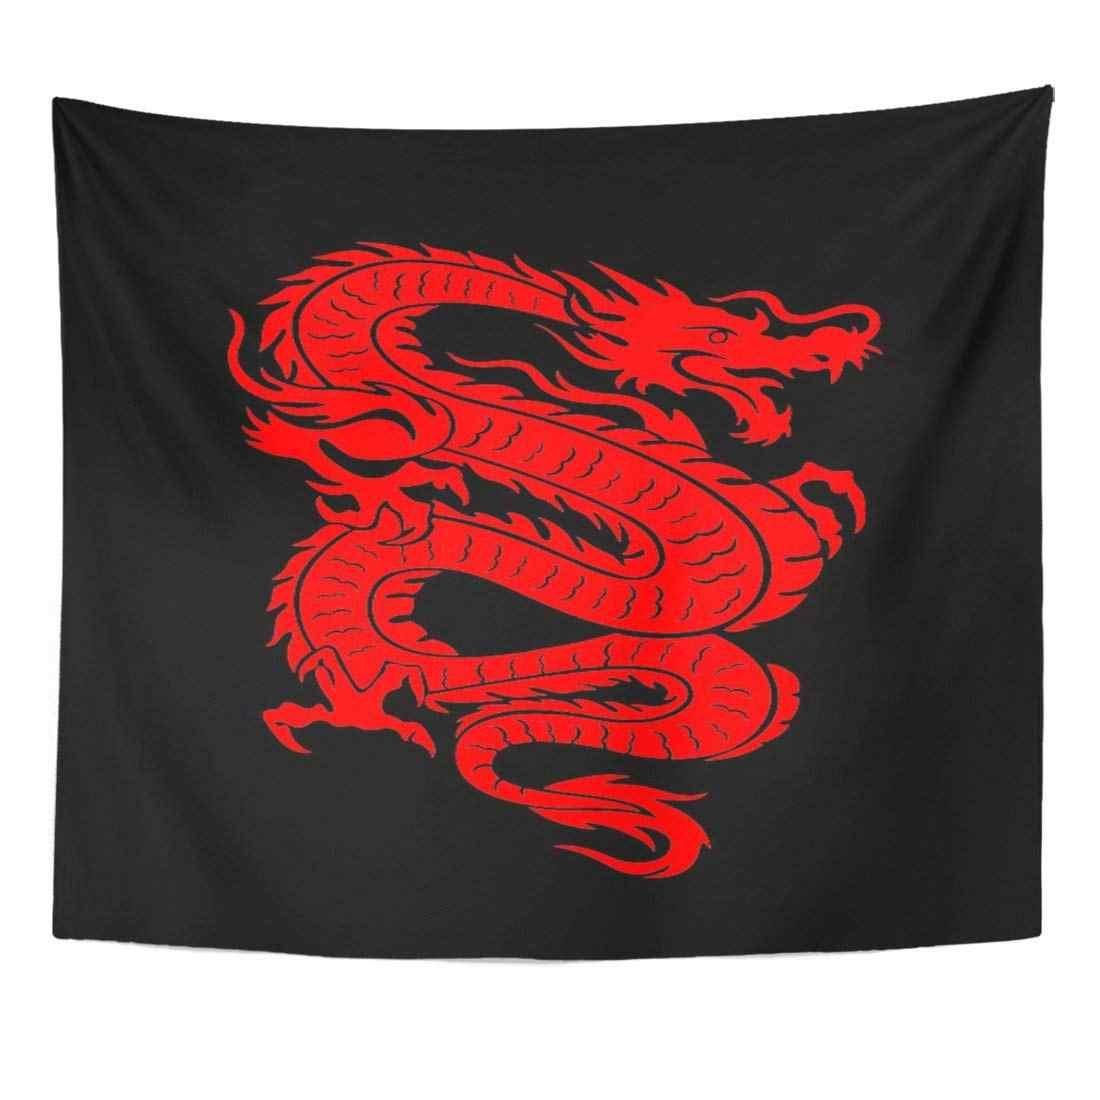 Tapiz 3D, tatuaje de dragón rojo chino en negro, decoración de pared colgante para el hogar